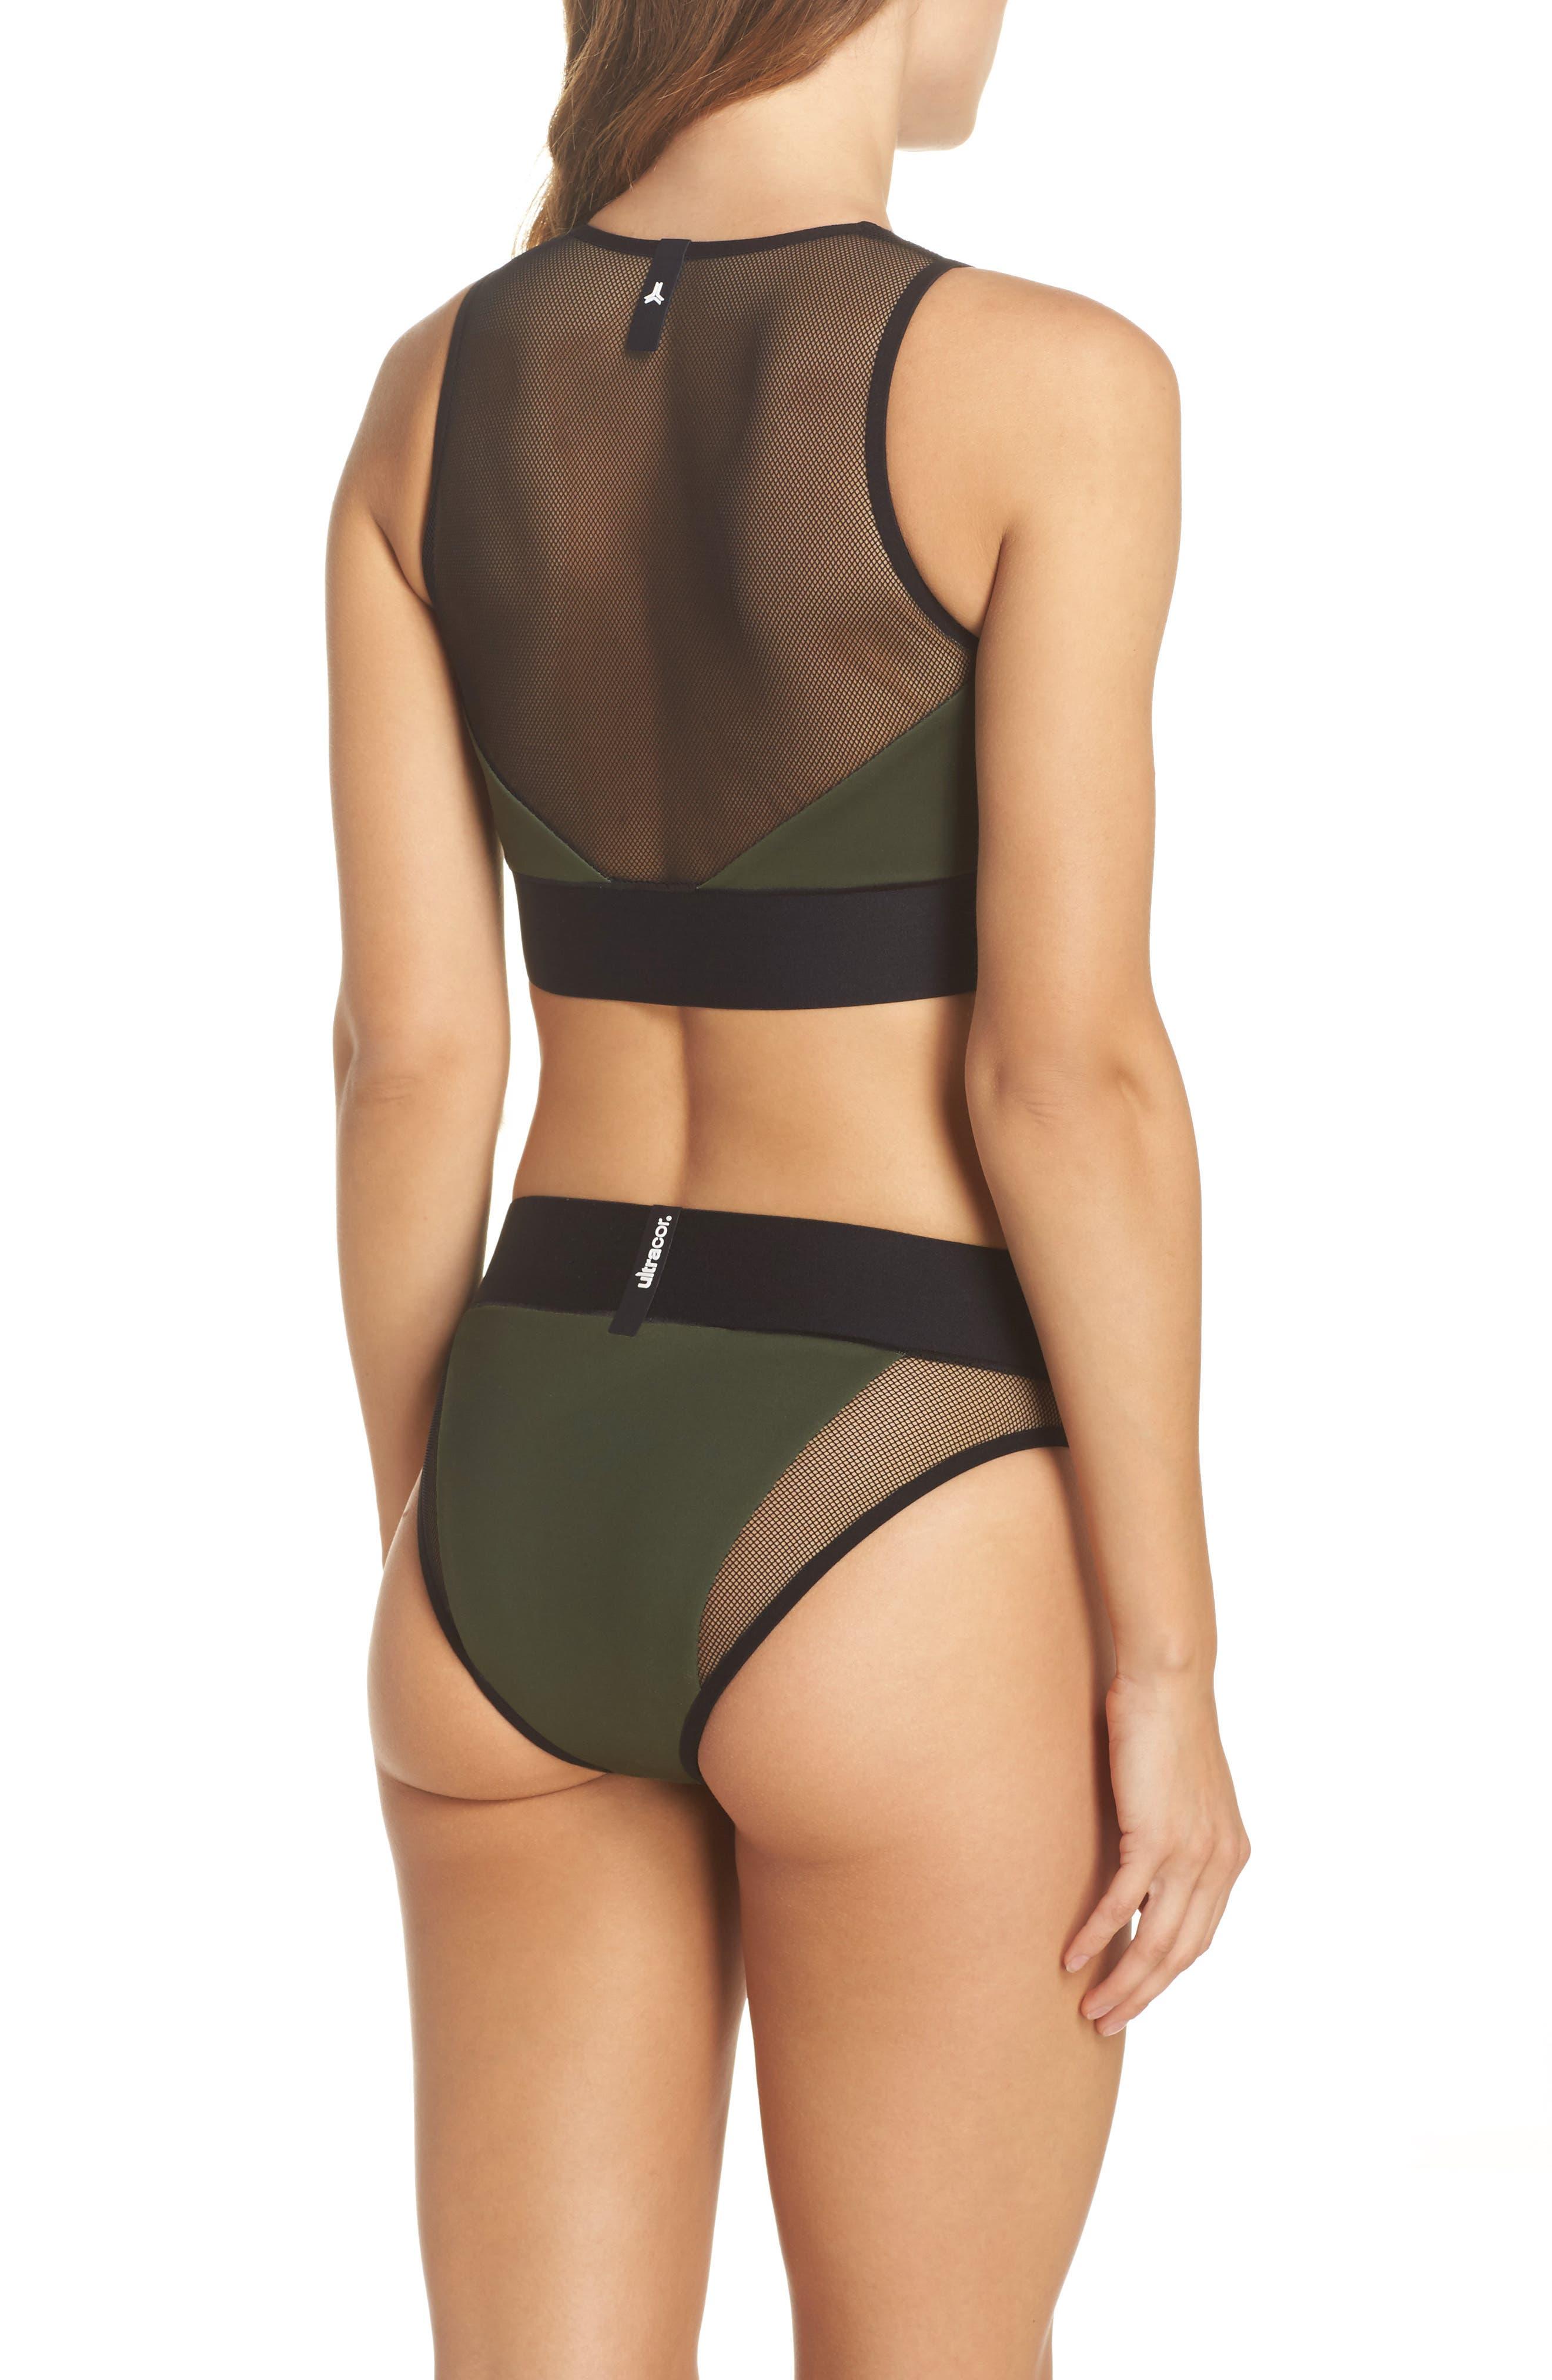 Adrift Sport Mesh Bikini Top,                             Alternate thumbnail 8, color,                             300